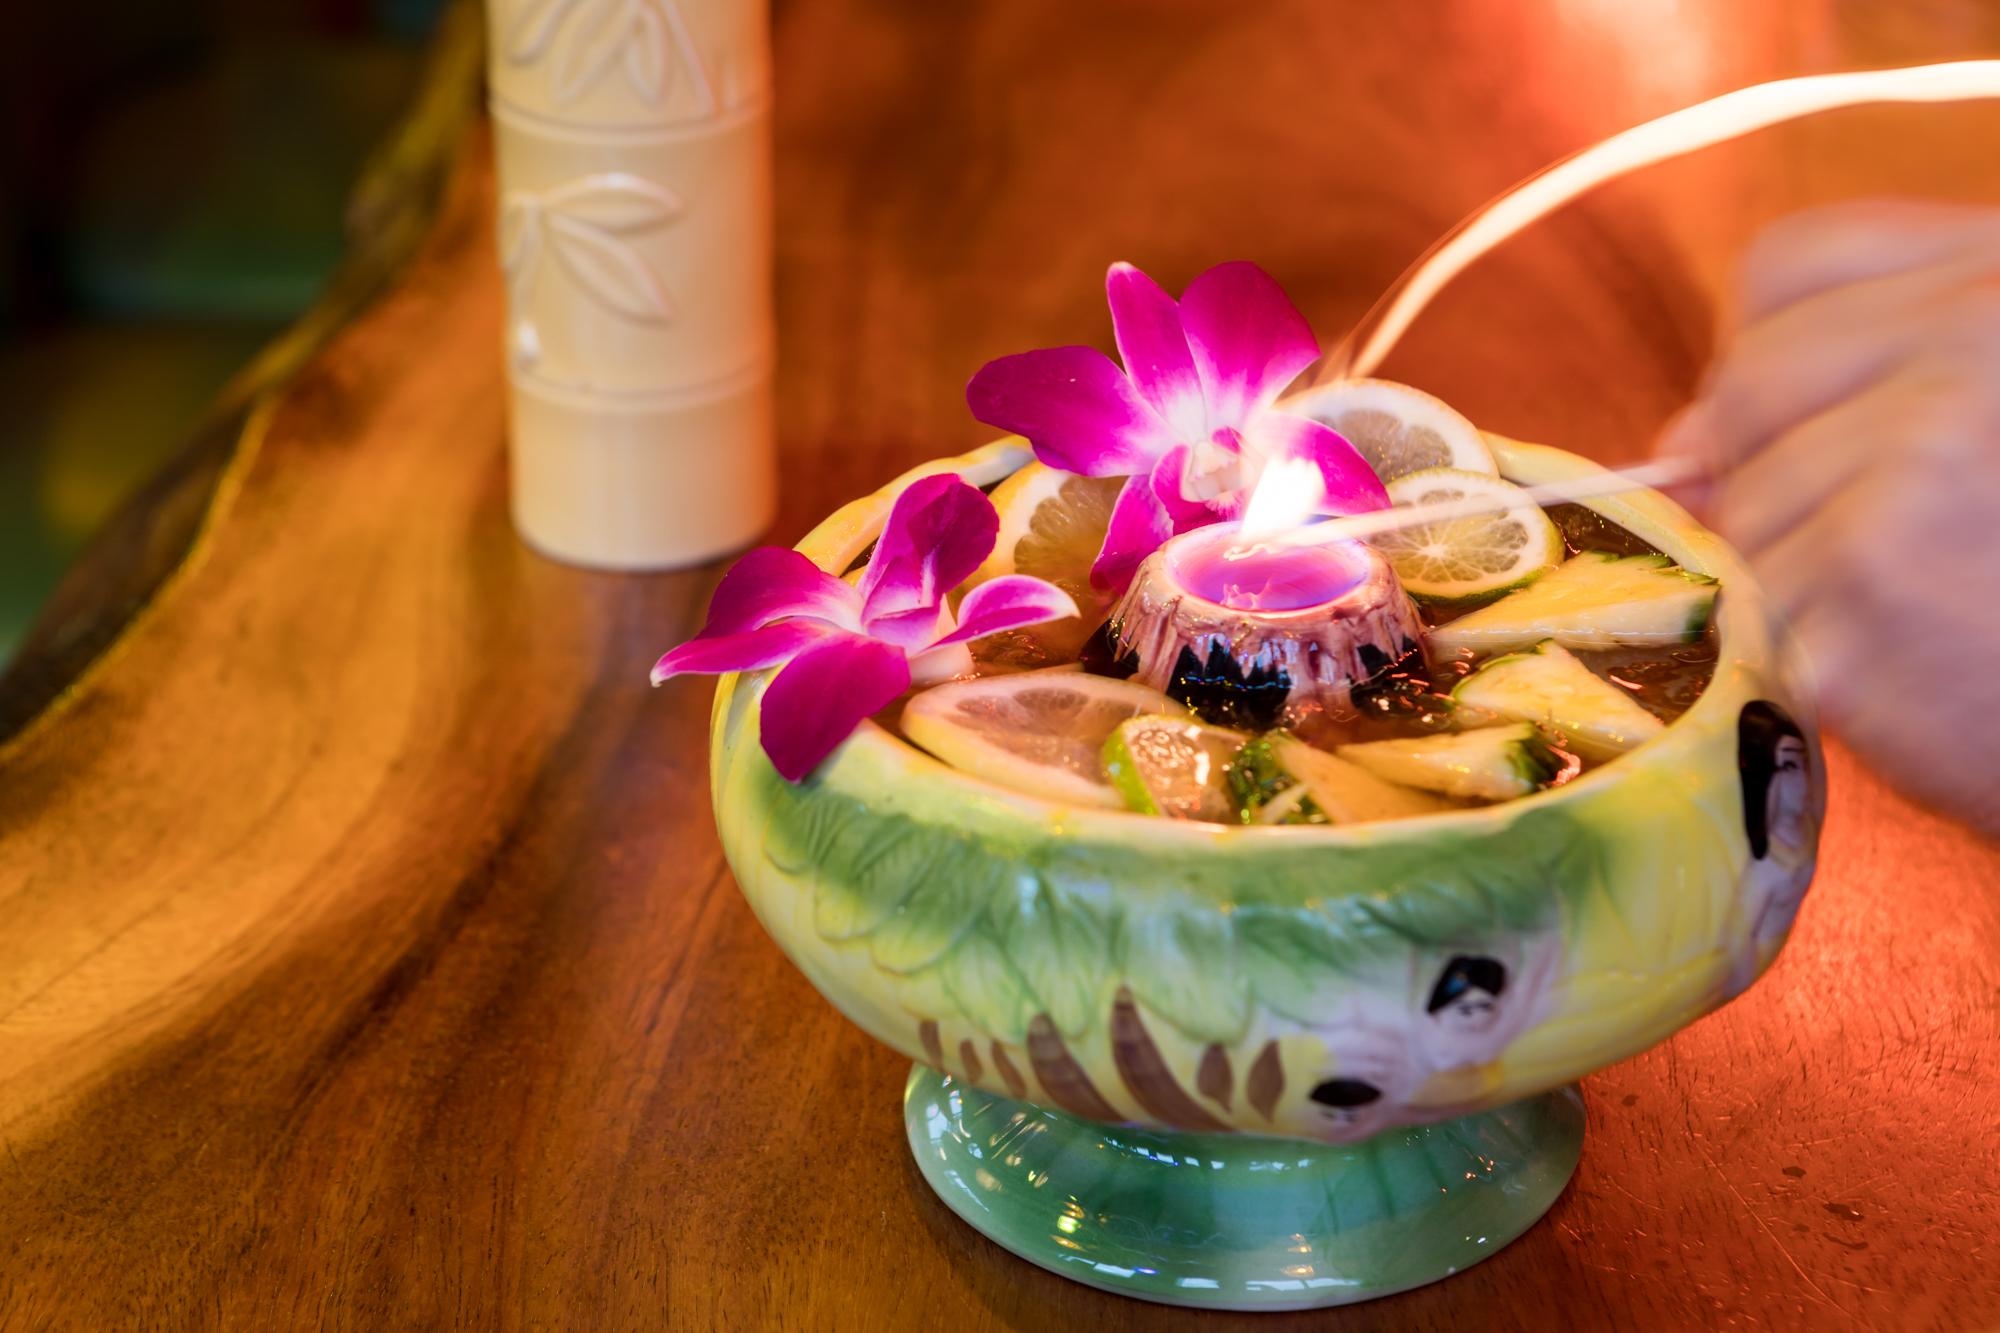 The volcano bowl at Kon-Tiki